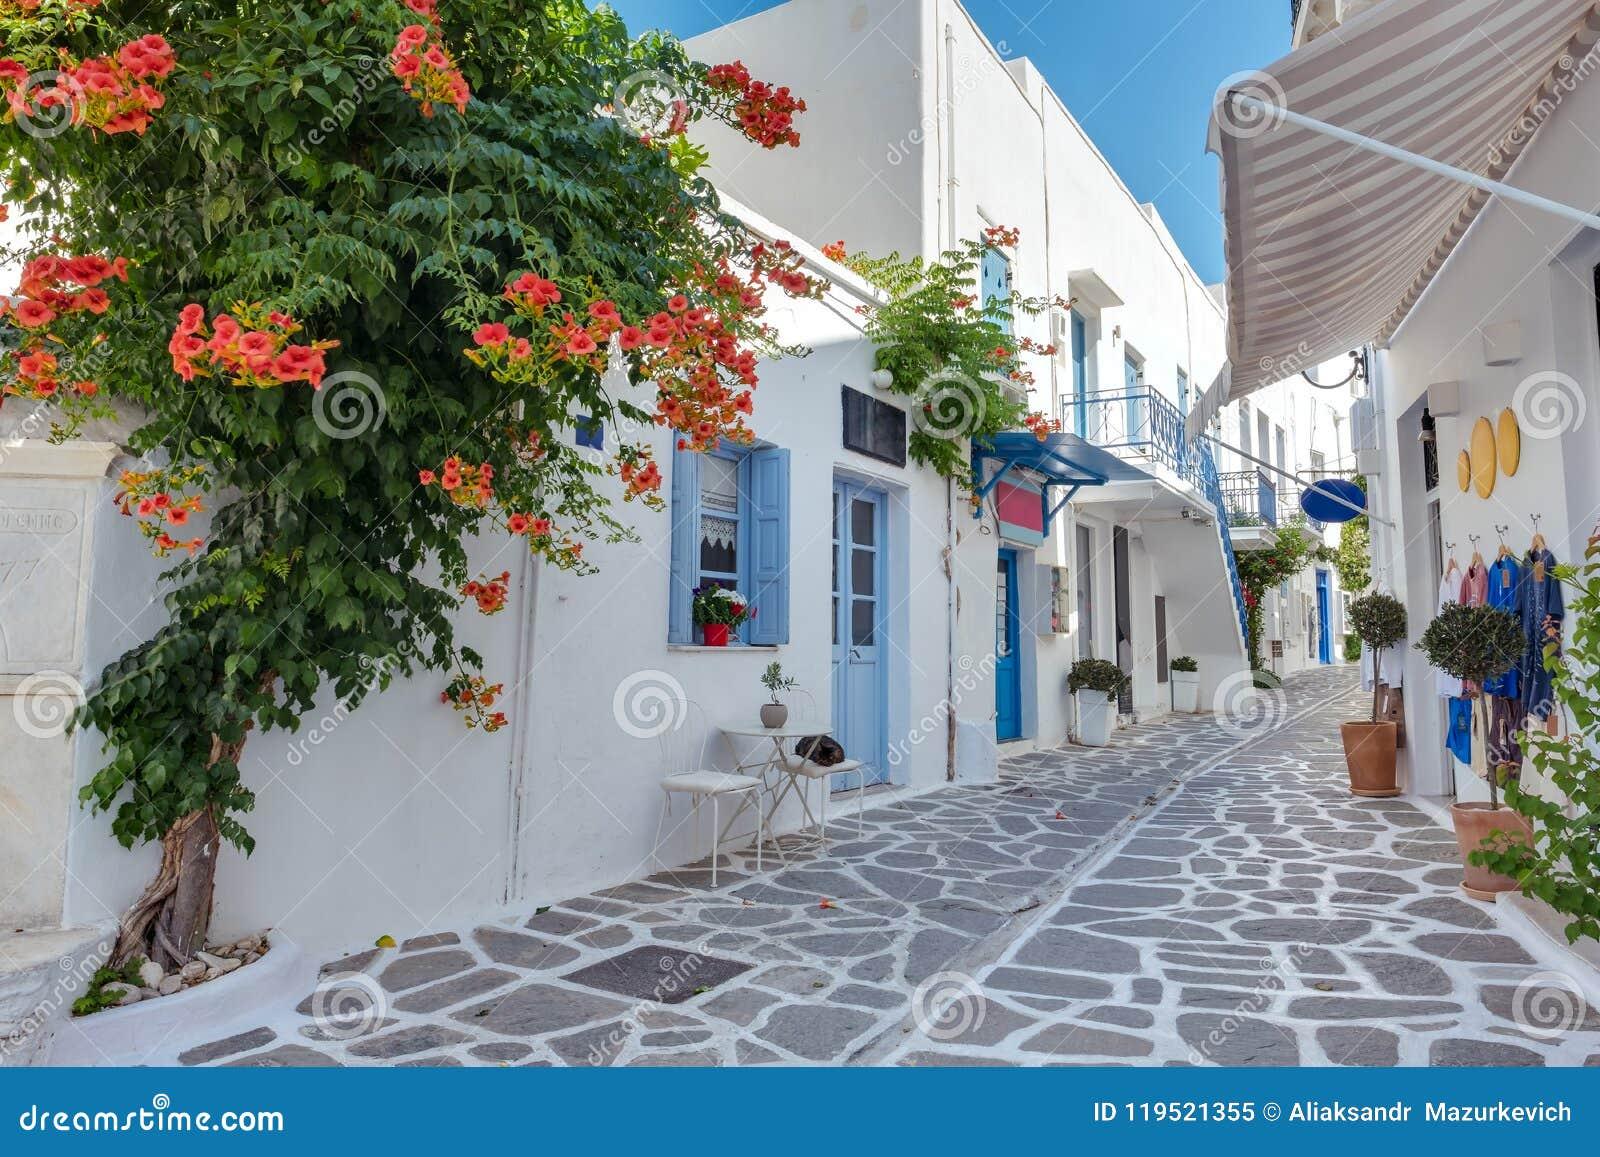 Ansicht einer typischen schmalen Straße in der alten Stadt von Parikia, Paros-Insel, die Kykladen